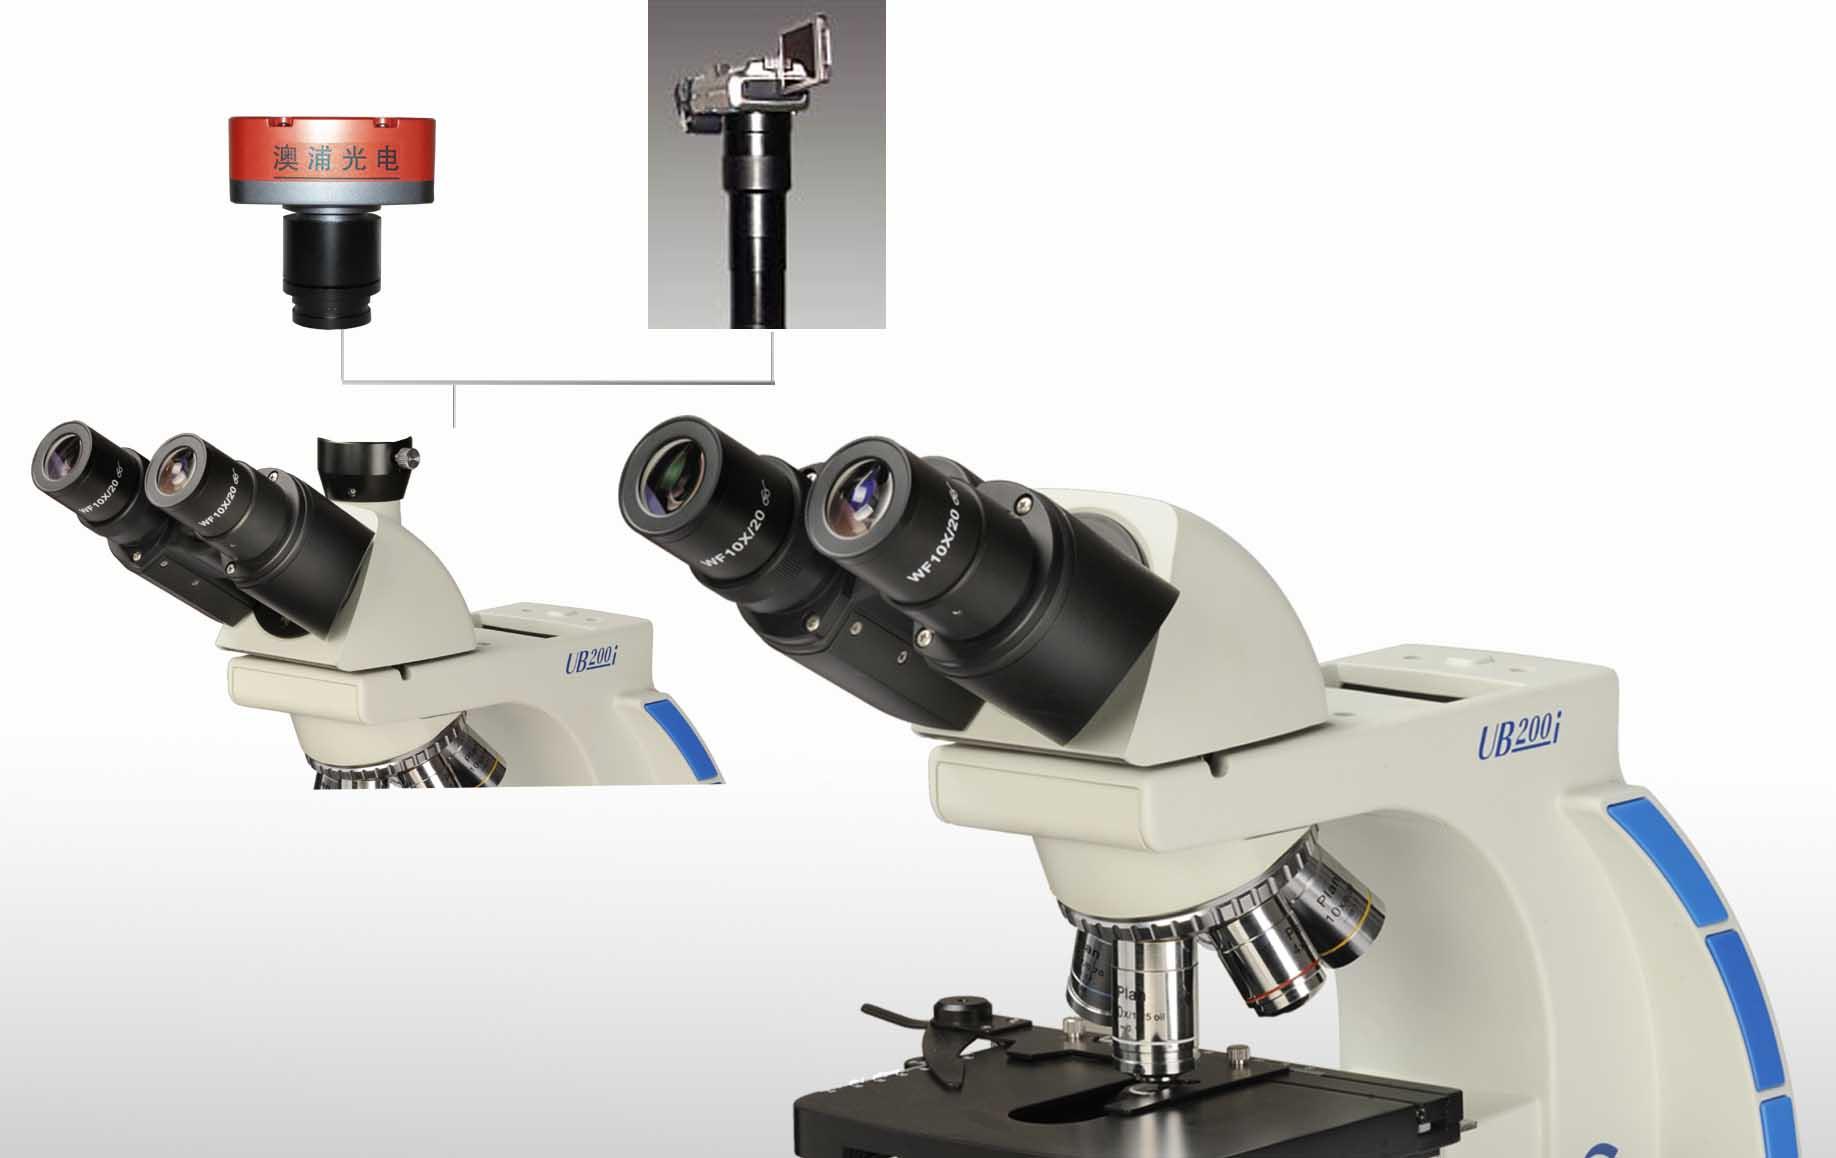 【ub200i系列生物显微镜】价格